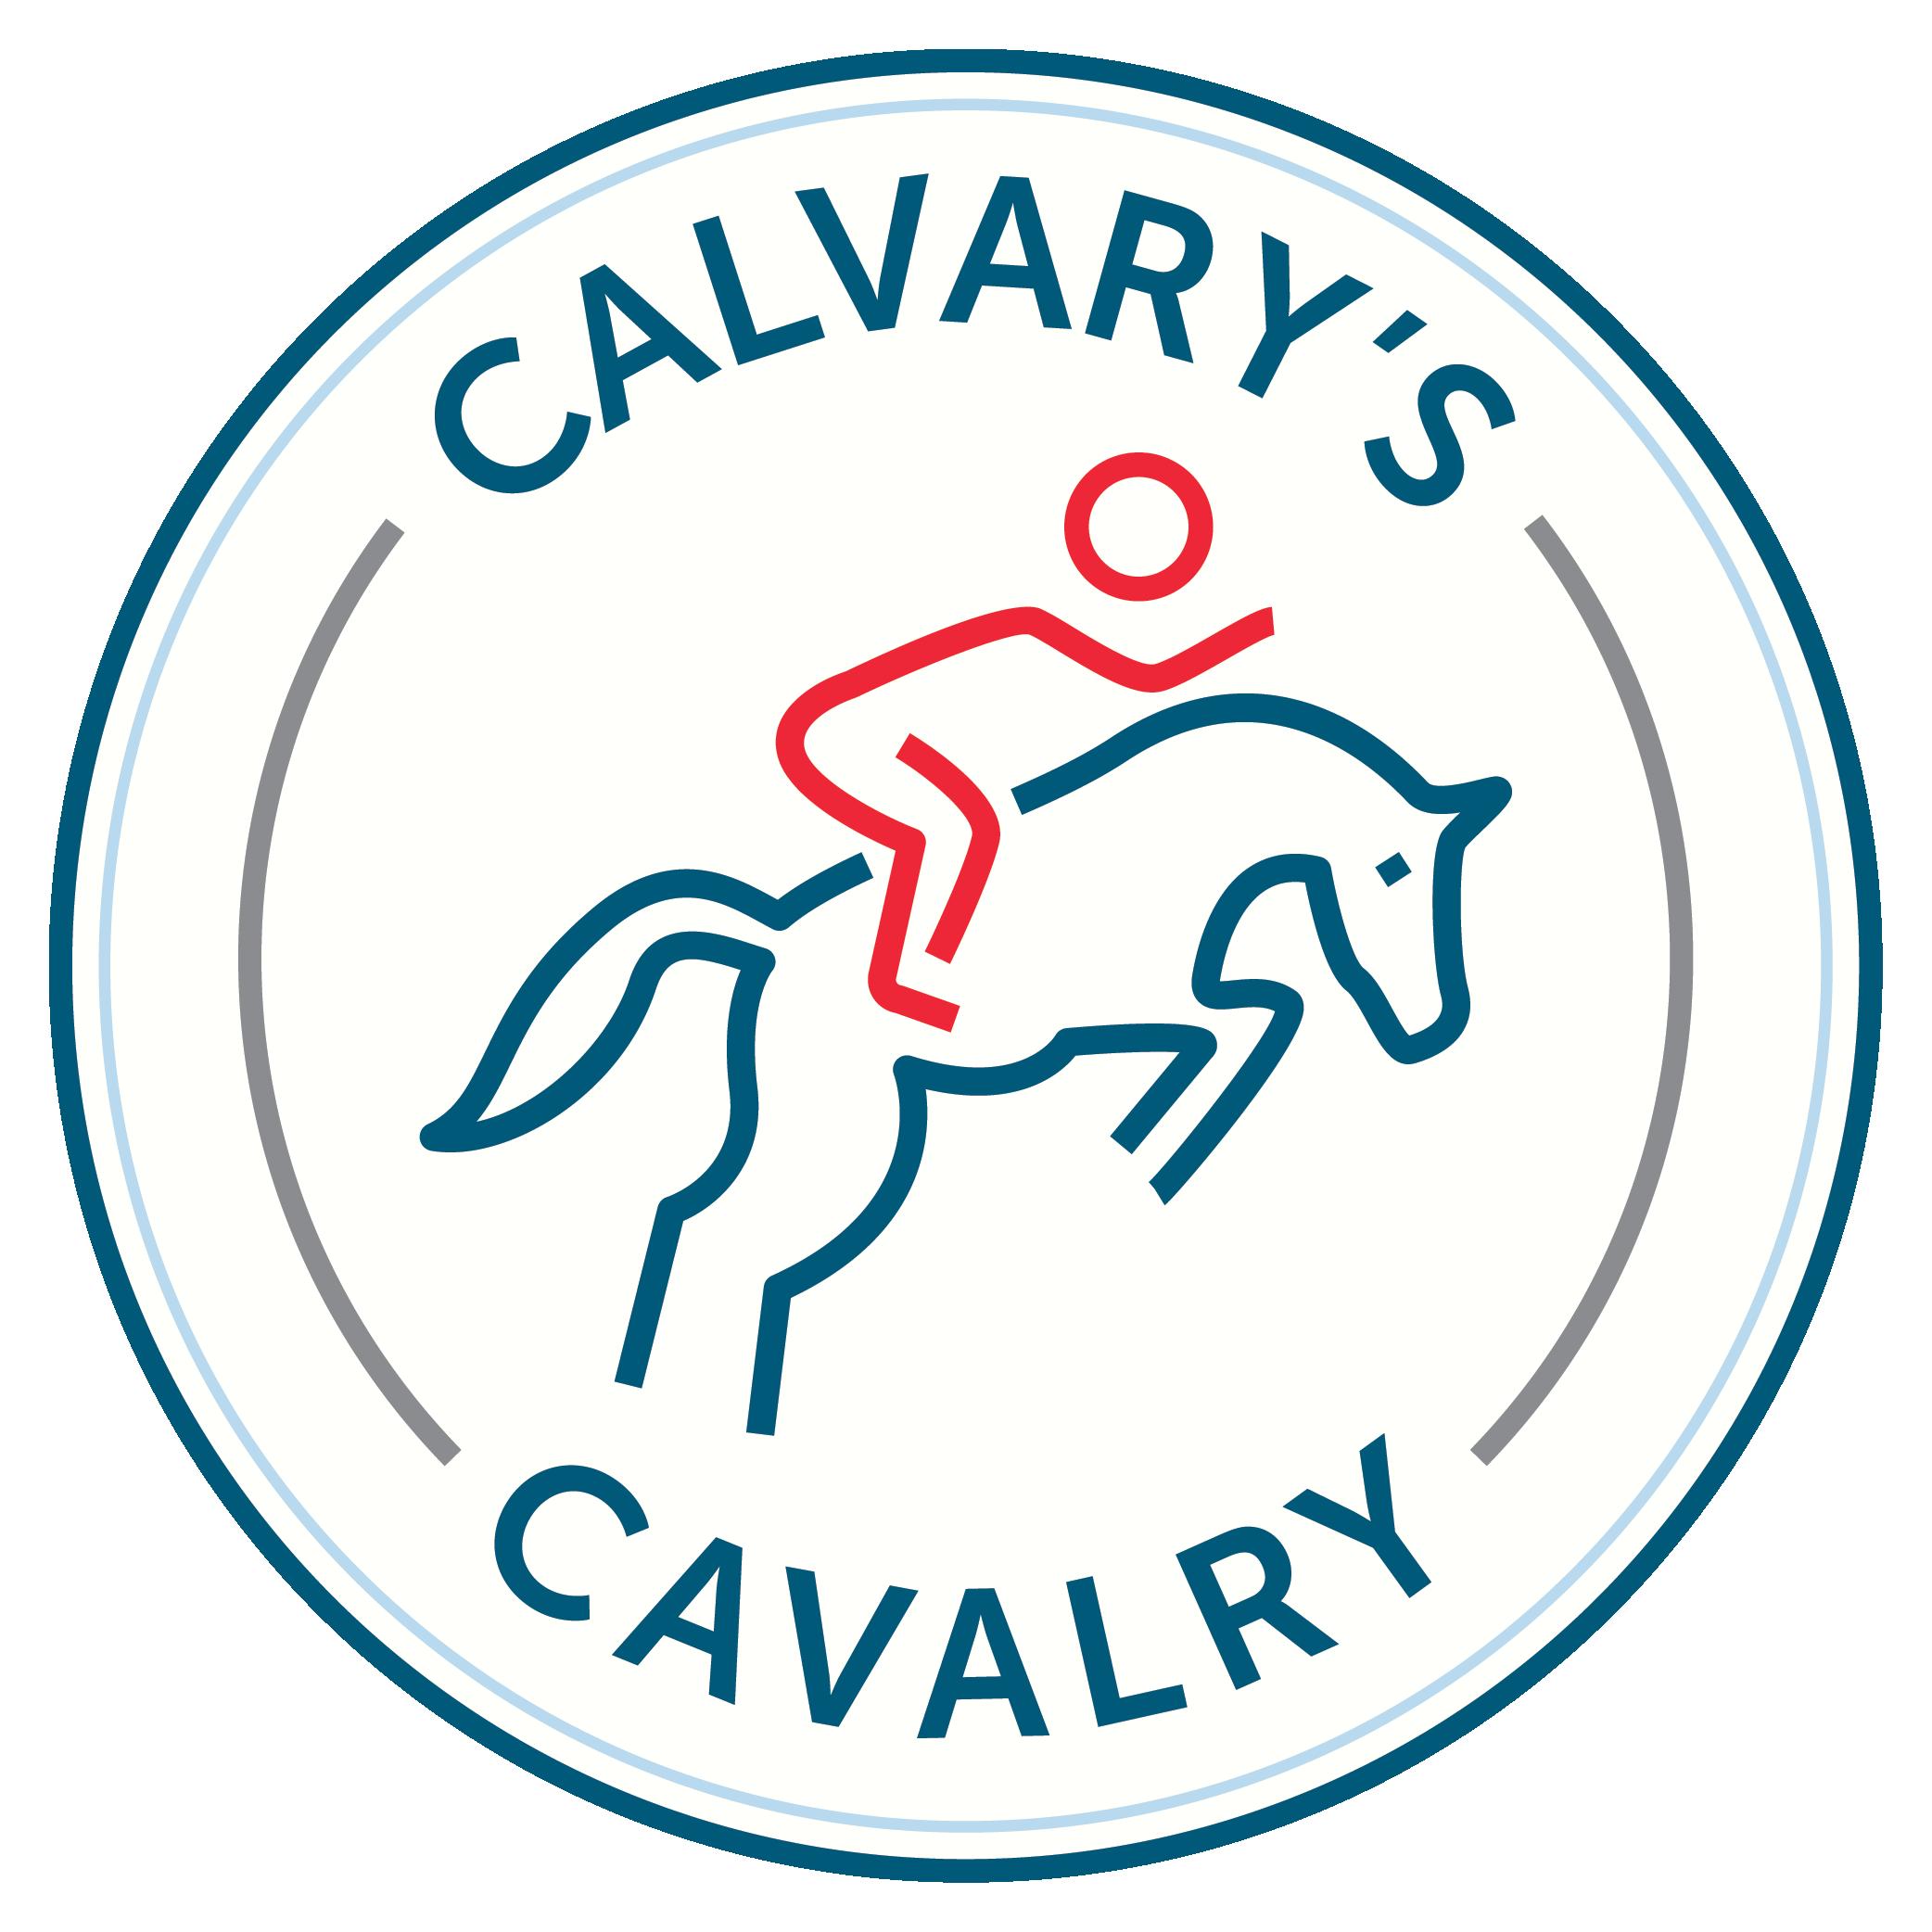 Calvary-Cavalry-Logo-01